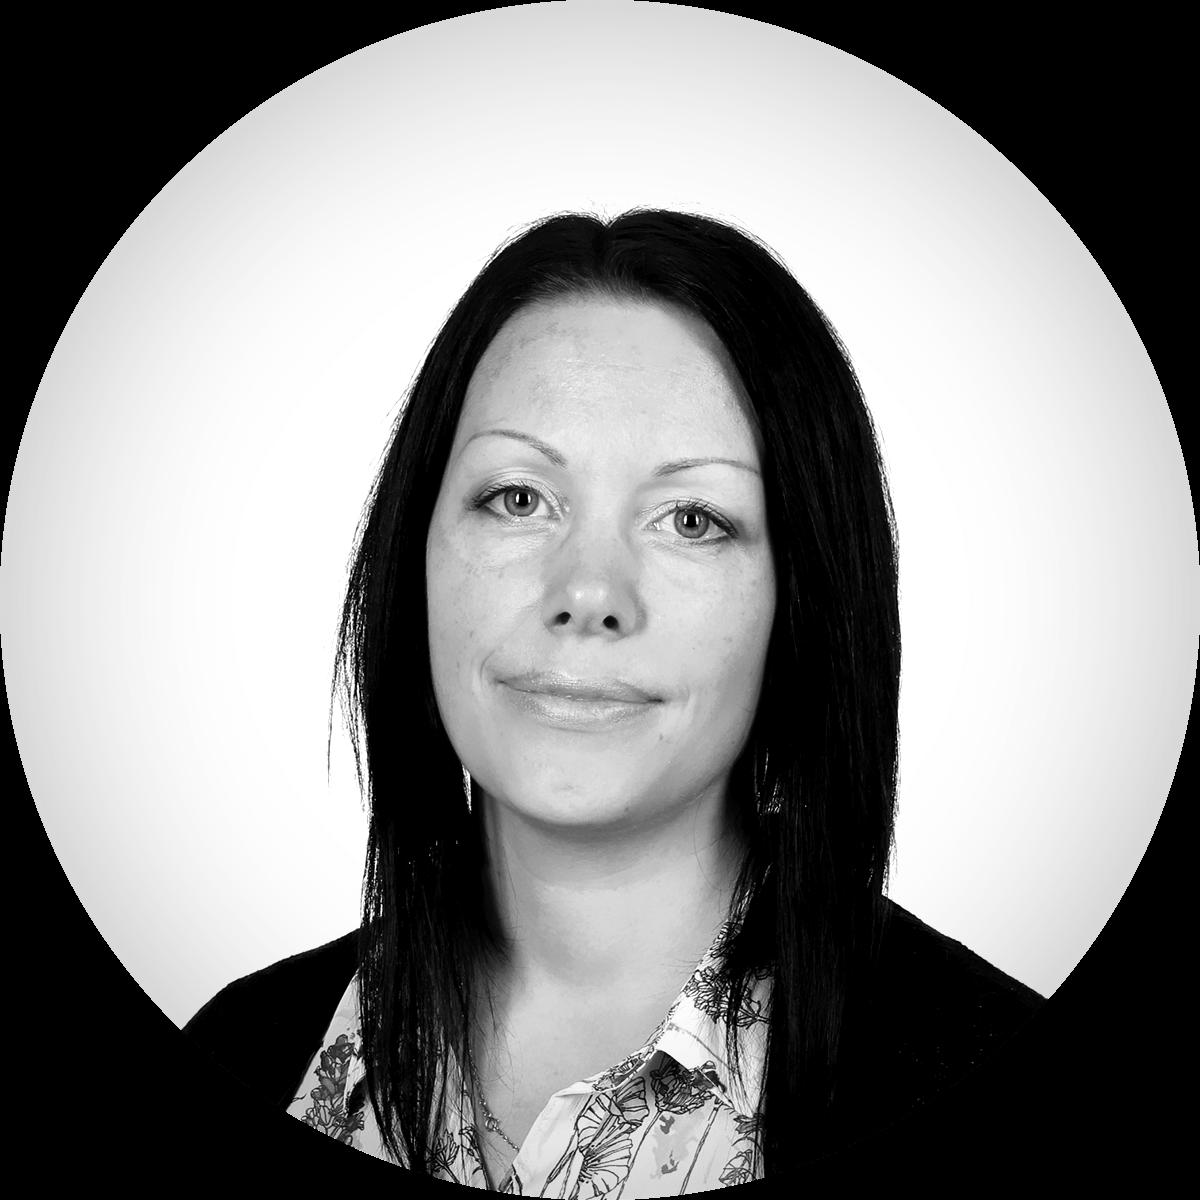 Annika Mourujärvi